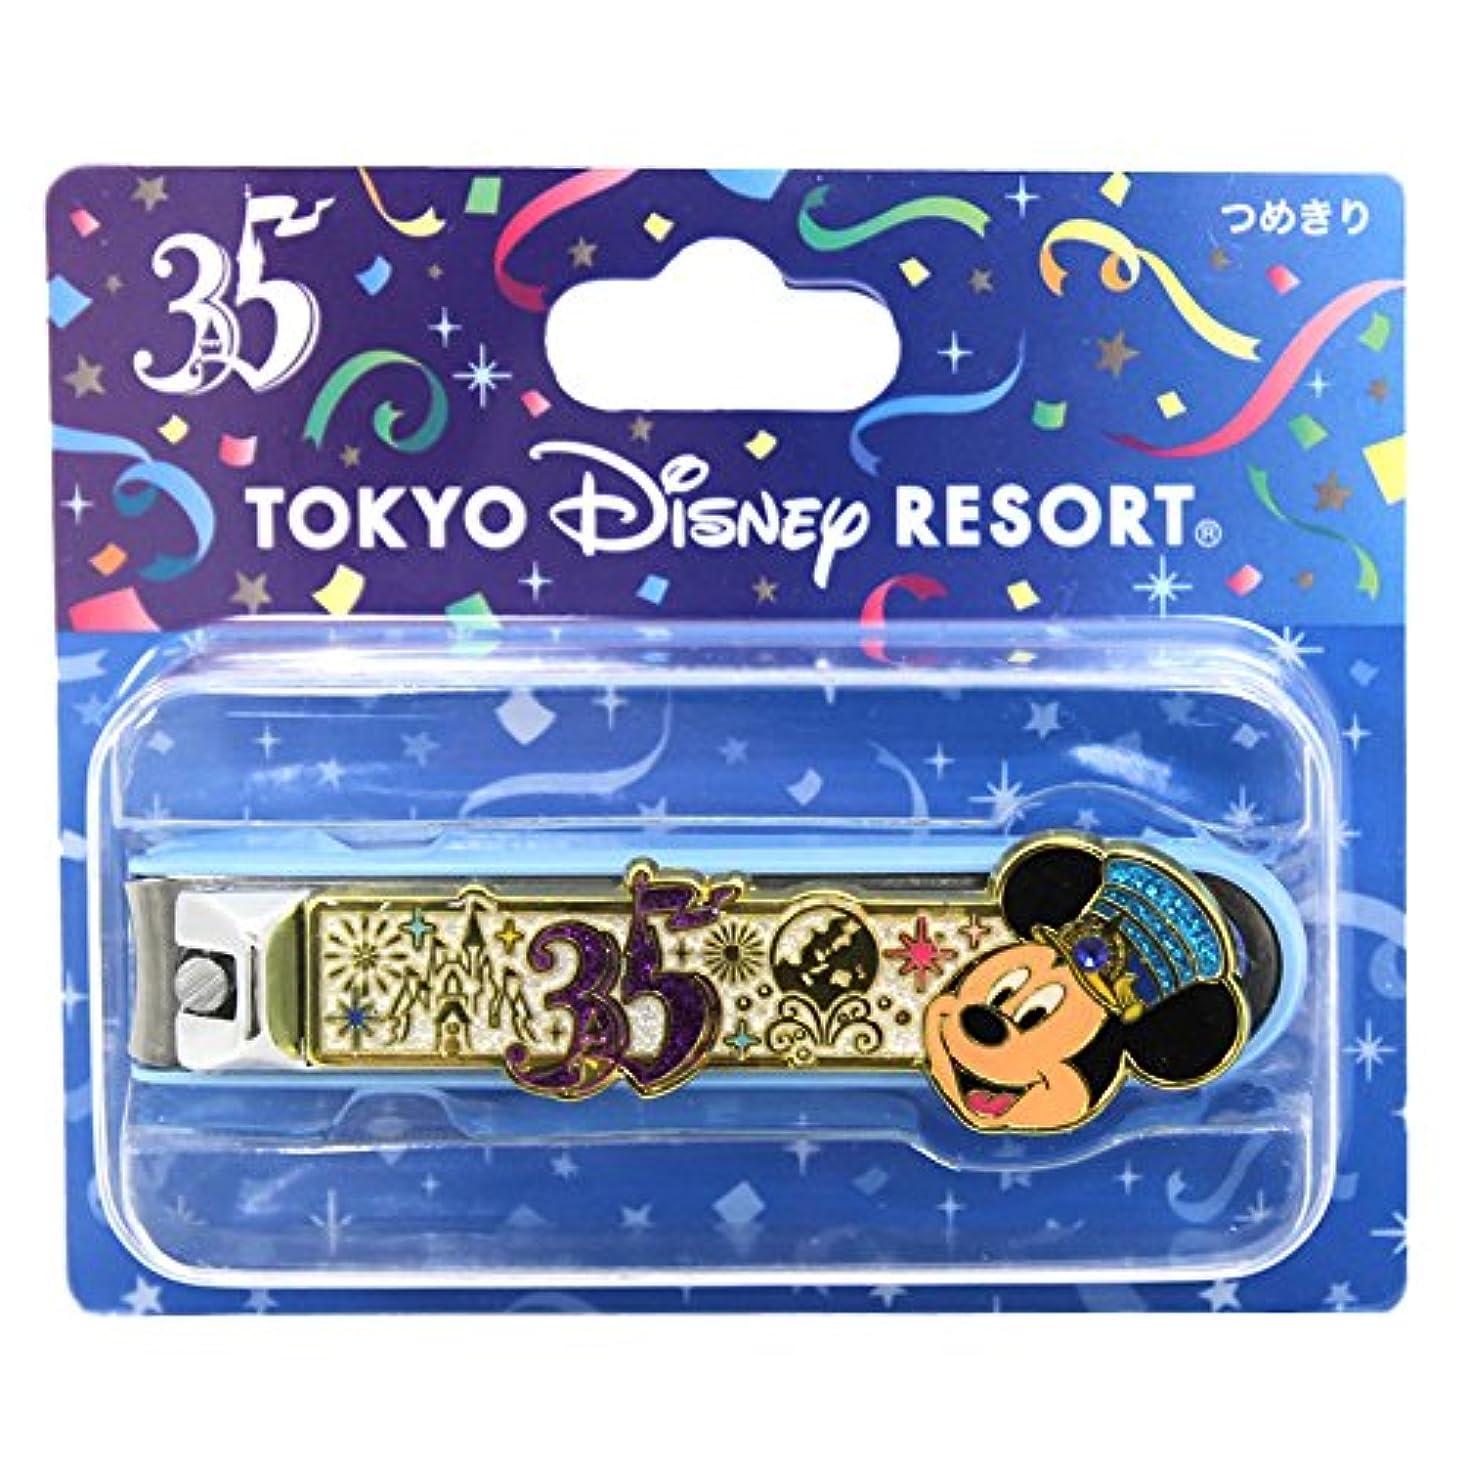 並外れた遵守する受け皿東京 ディズニー リゾート 35周年 Happiest Celebration ! 爪切り ミッキー マウス つめ切り 爪きり つめきり キャラクター 生活用品 ( リゾート限定 )